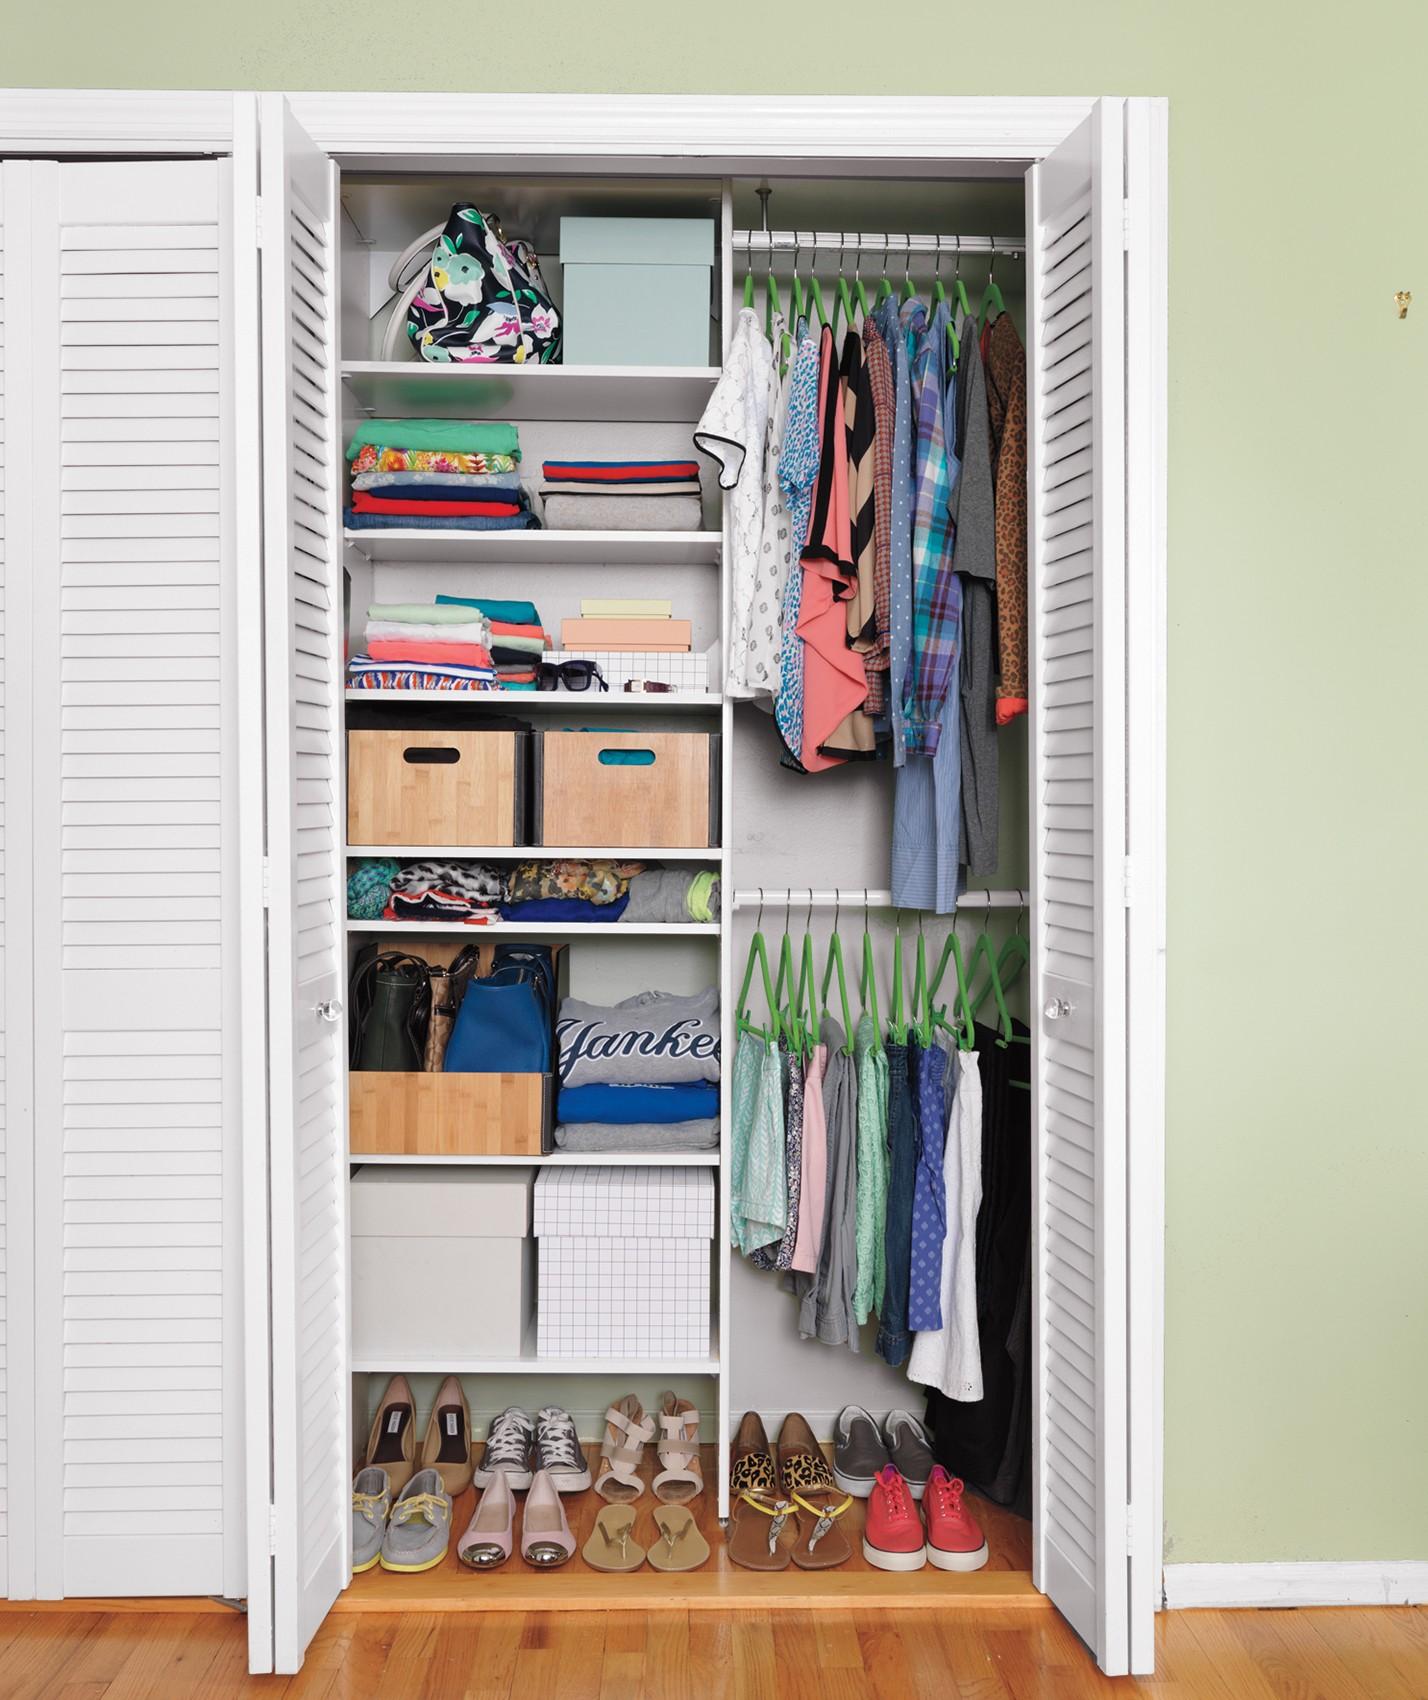 أفكار لتقسيم خزانة الملابس من الداخل- استخدام الصناديق